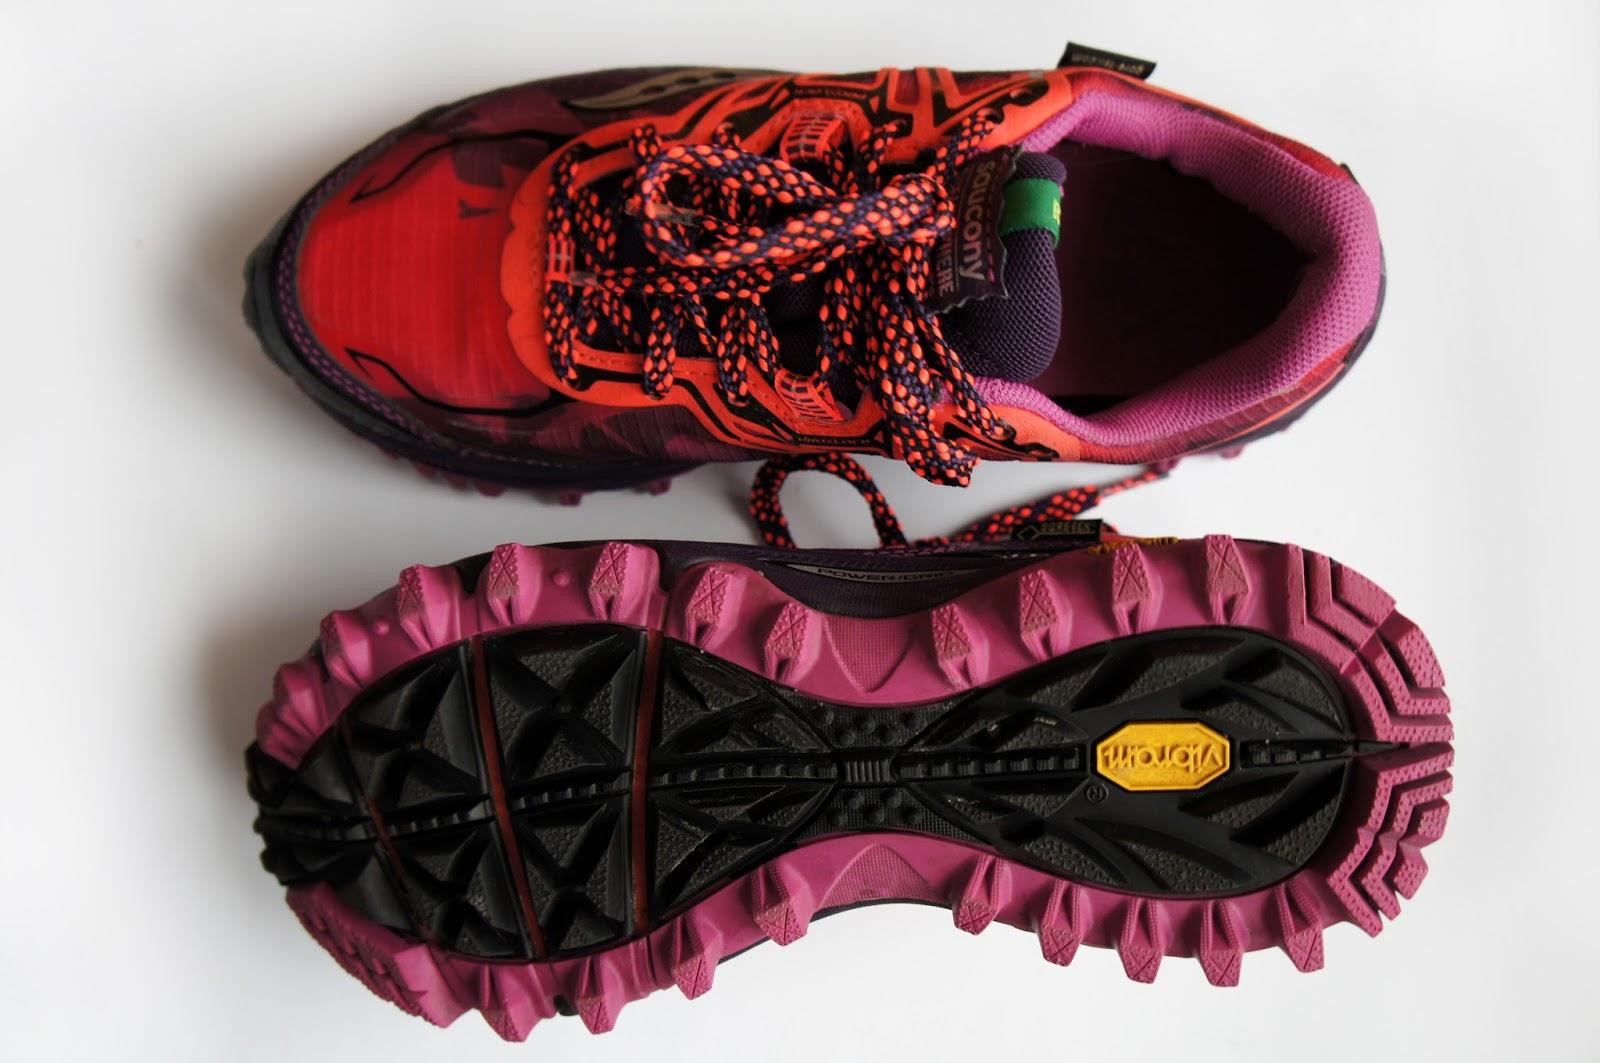 56ef7dd7 В заключение хочу сказать, что кроссовки для зимы лучше брать с мембранной  тканью - gore-tex. Она дает дополнительное тепло, не продувает и не  позволяет ...